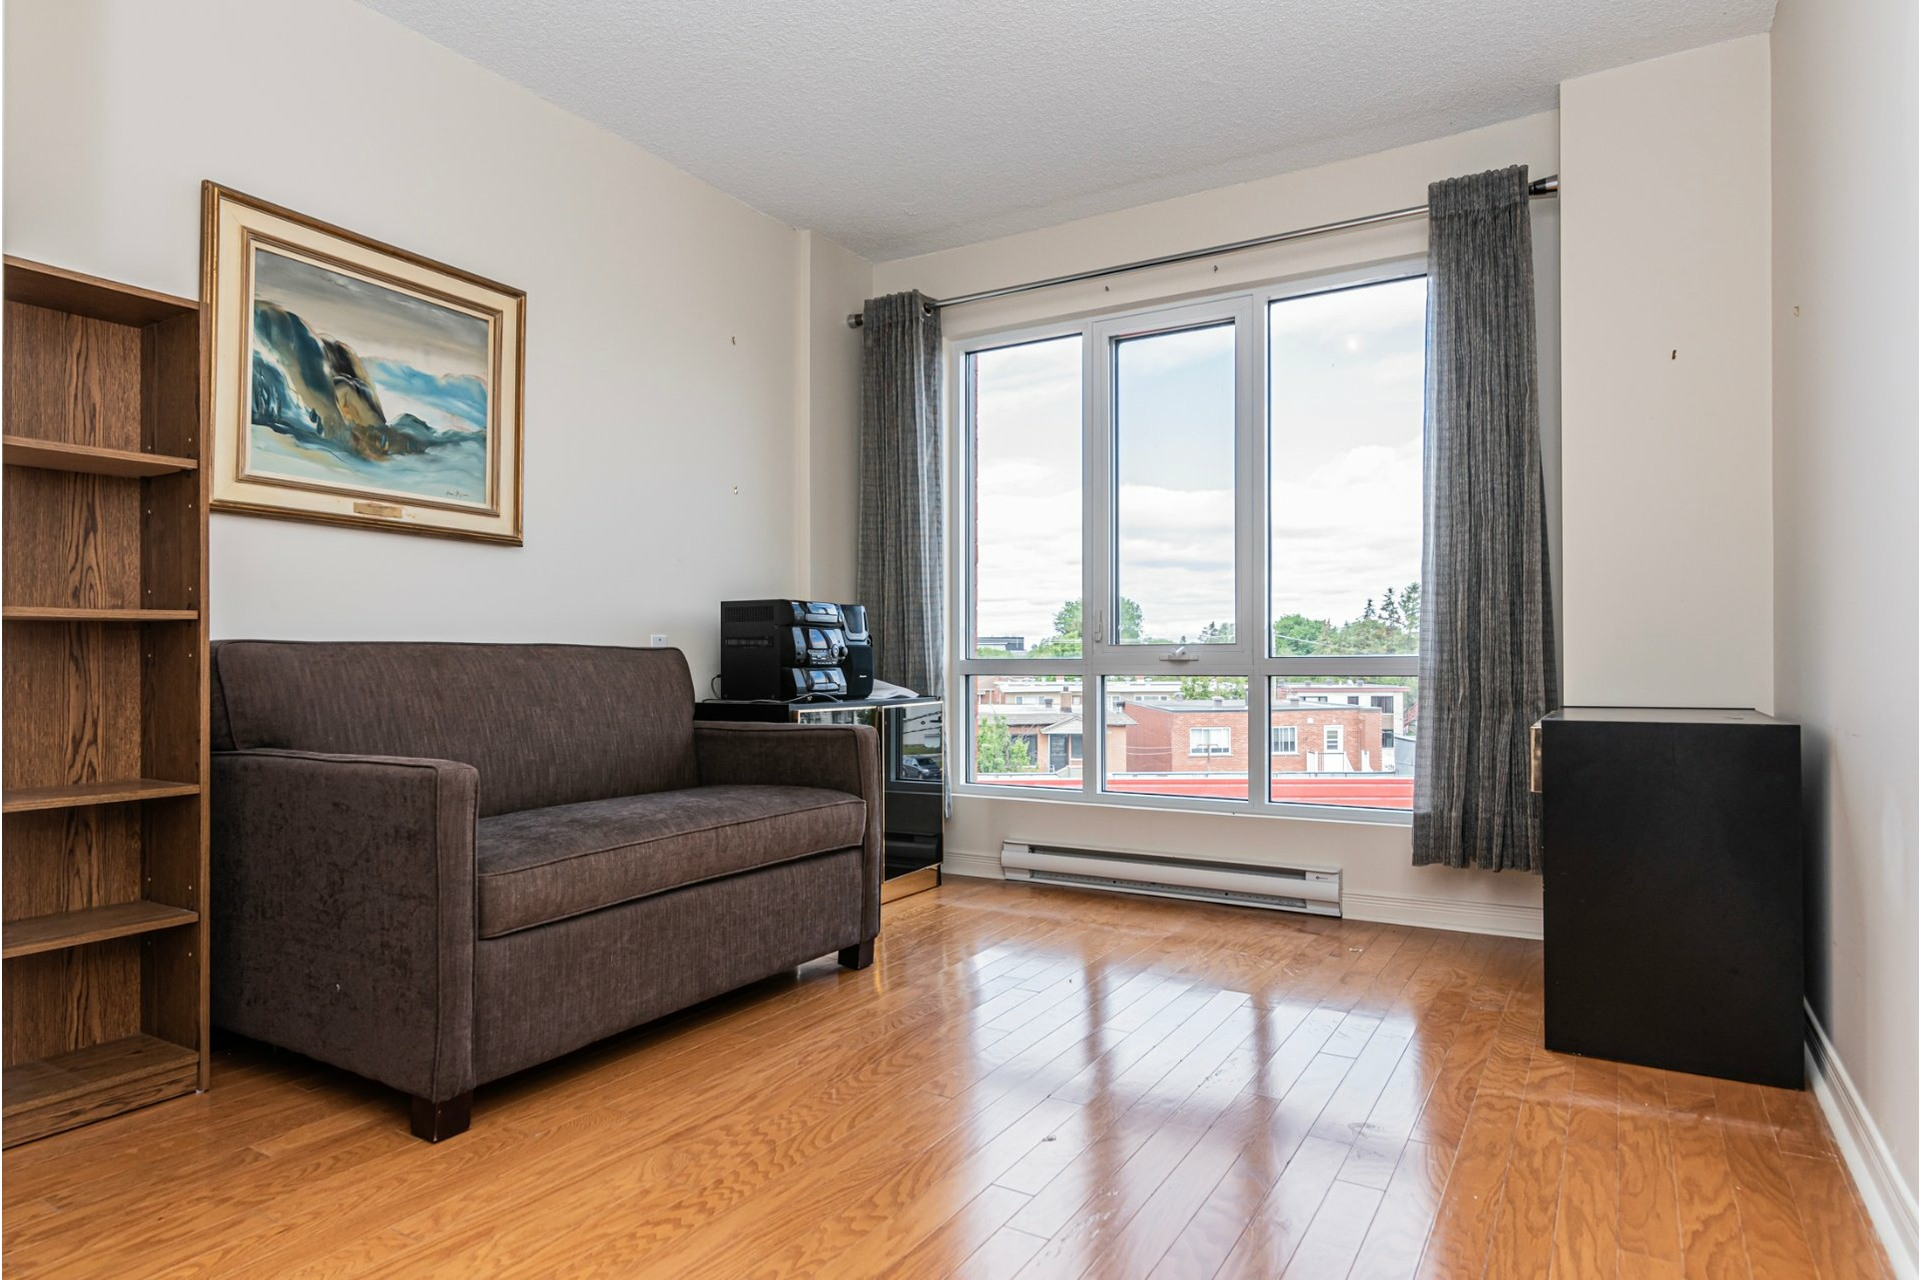 image 20 - Apartment For sale Lachine Montréal  - 7 rooms